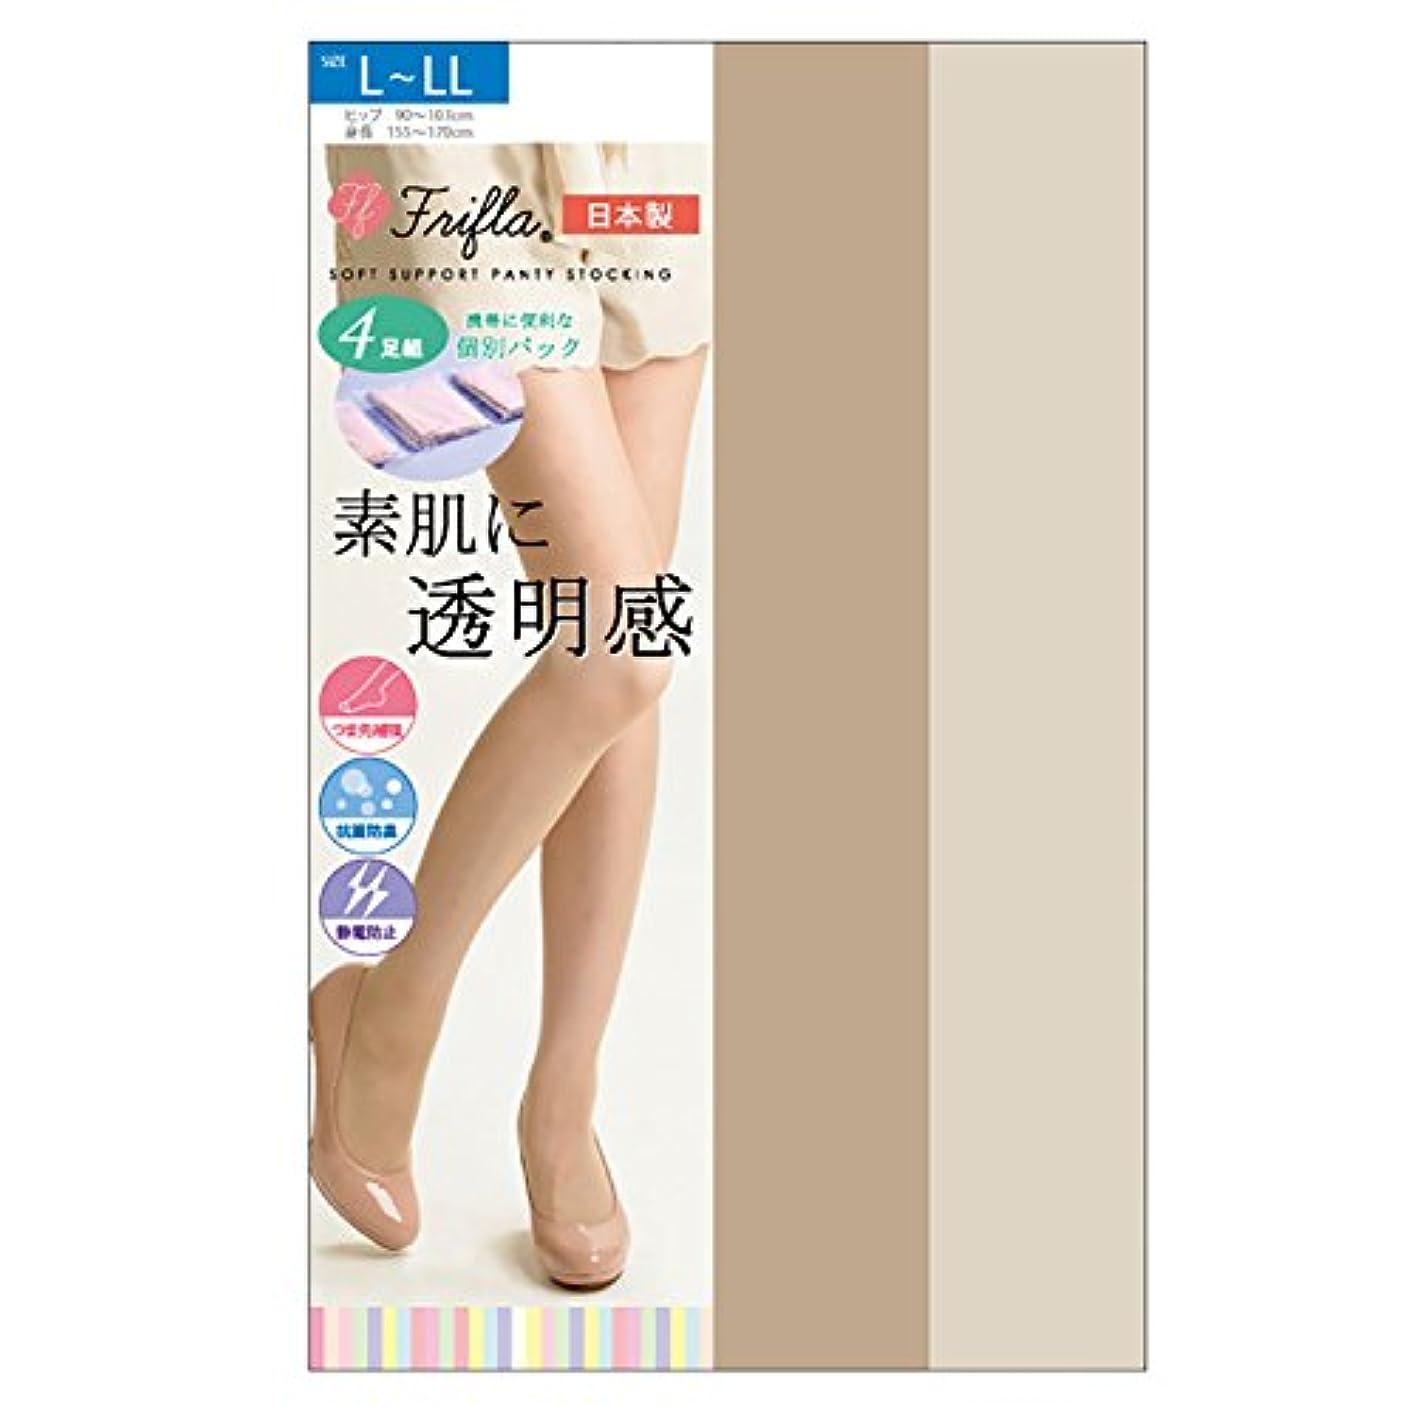 制限温度しかし素肌に透明感 ソフトサポートタイプ 交編ストッキング 4足組 日本製-素肌感 個包装 抗菌防臭 静電気防止 M-L L-LL パンスト (L-LL, ピュアベージュ)